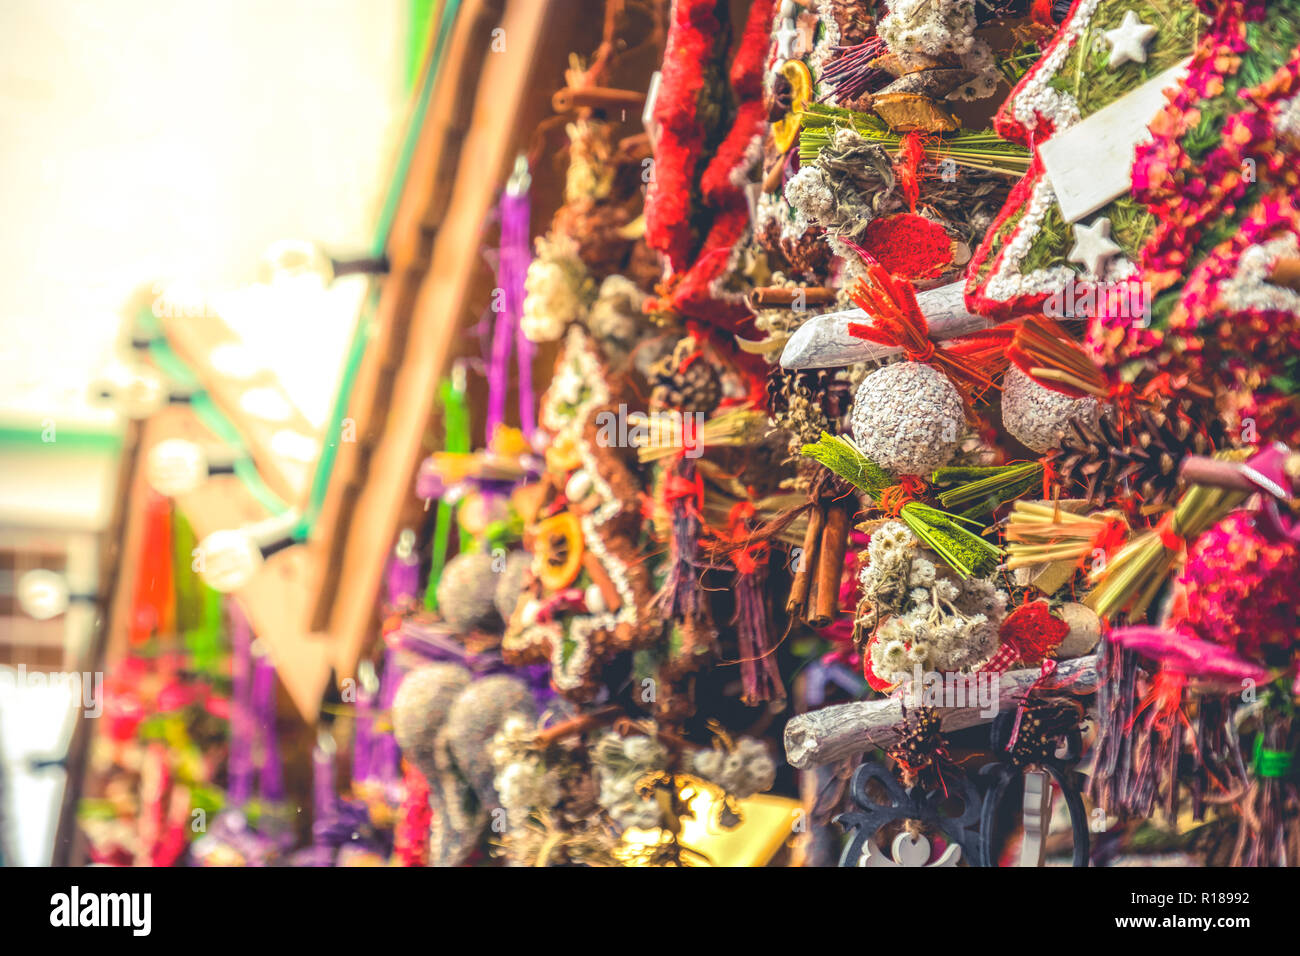 Mercado de Navidad de tonos cálidos coronas Lens Flare decoración detalles de calado mate quiosco Foto de stock